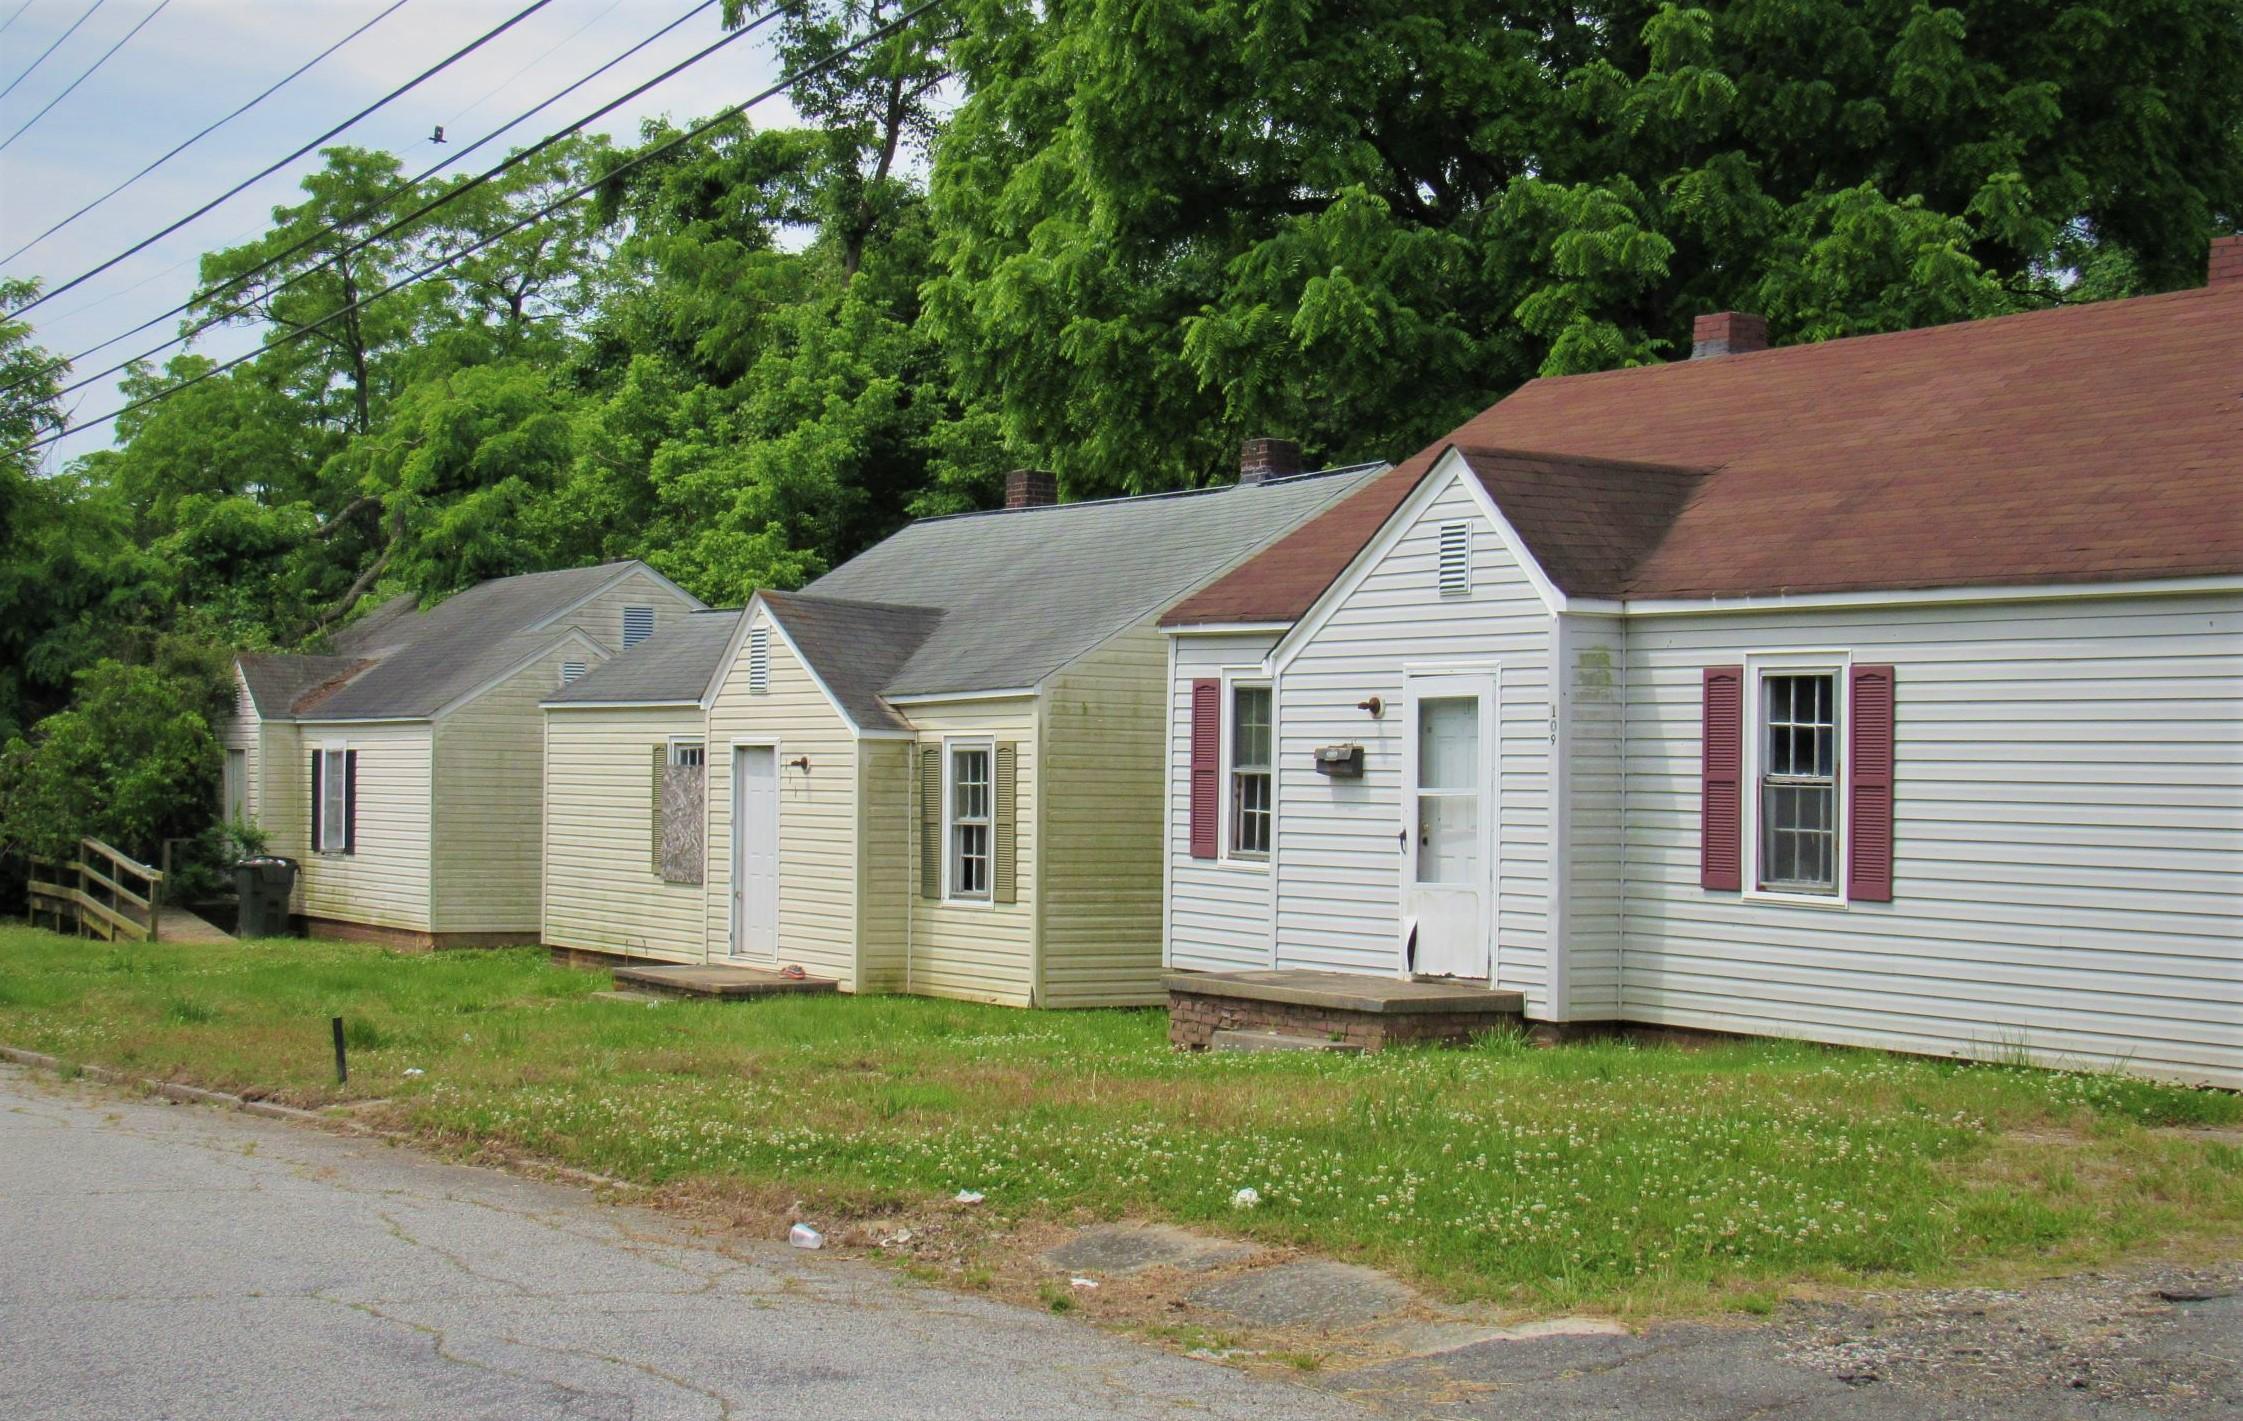 99 S Cecil St, Lexington, NC